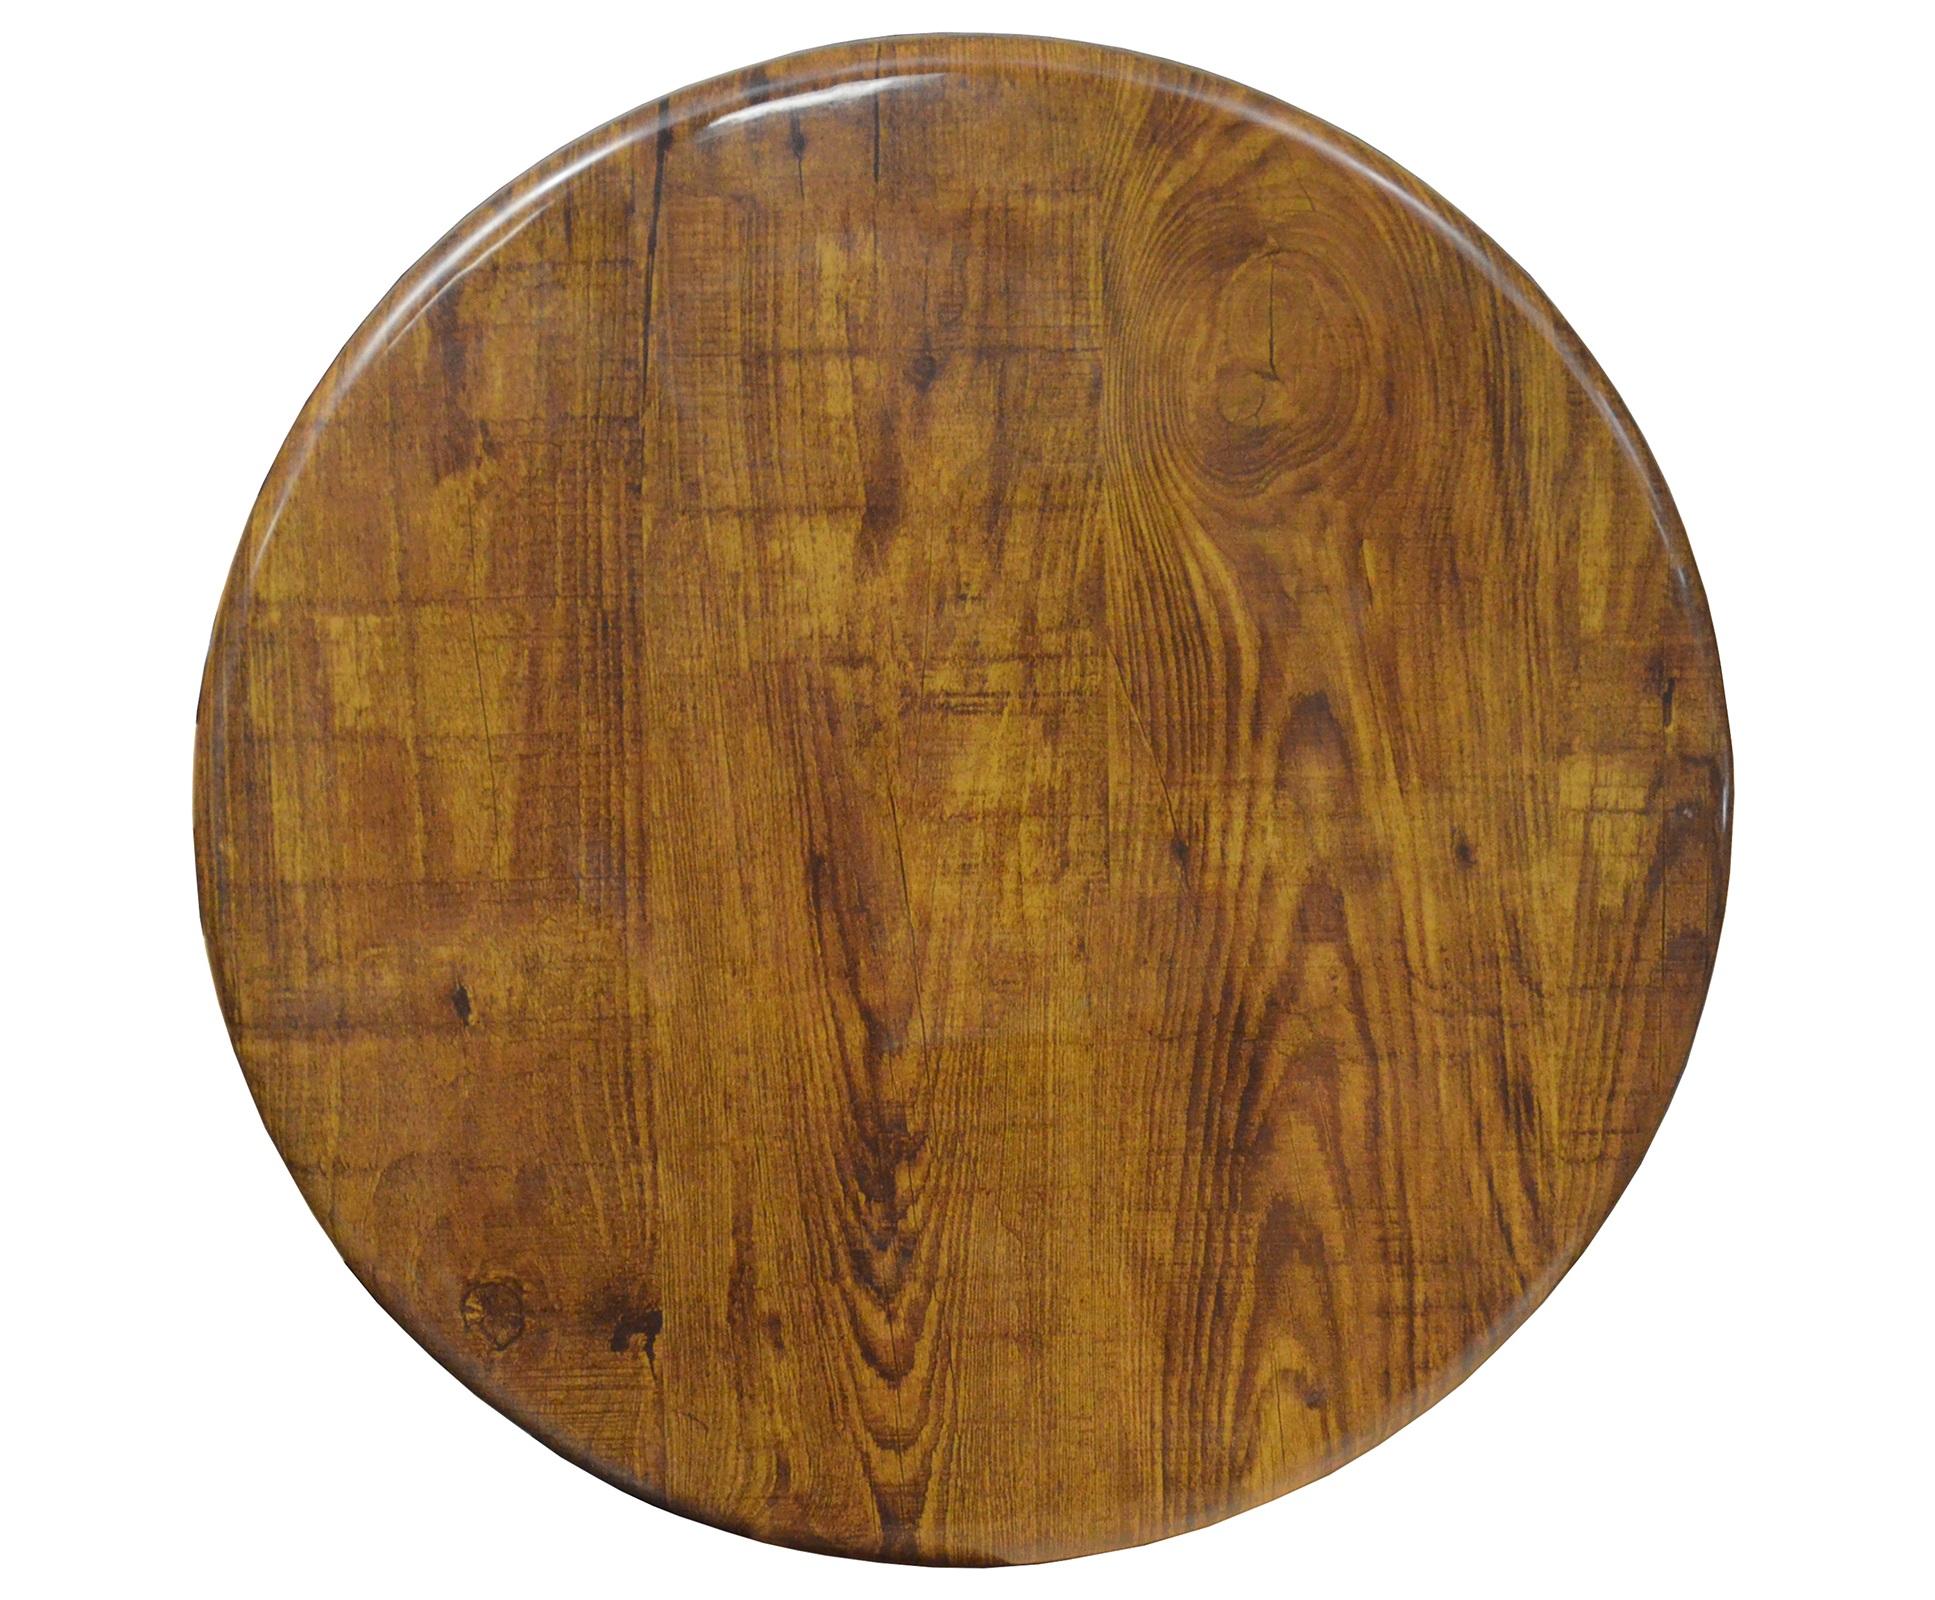 Rustic Oak Resin Vintage Table Tops RestaurantTableTopscom : Rustic Oak Resin Vintage Table Top 3 from restauranttabletops.com size 1935 x 1600 jpeg 735kB